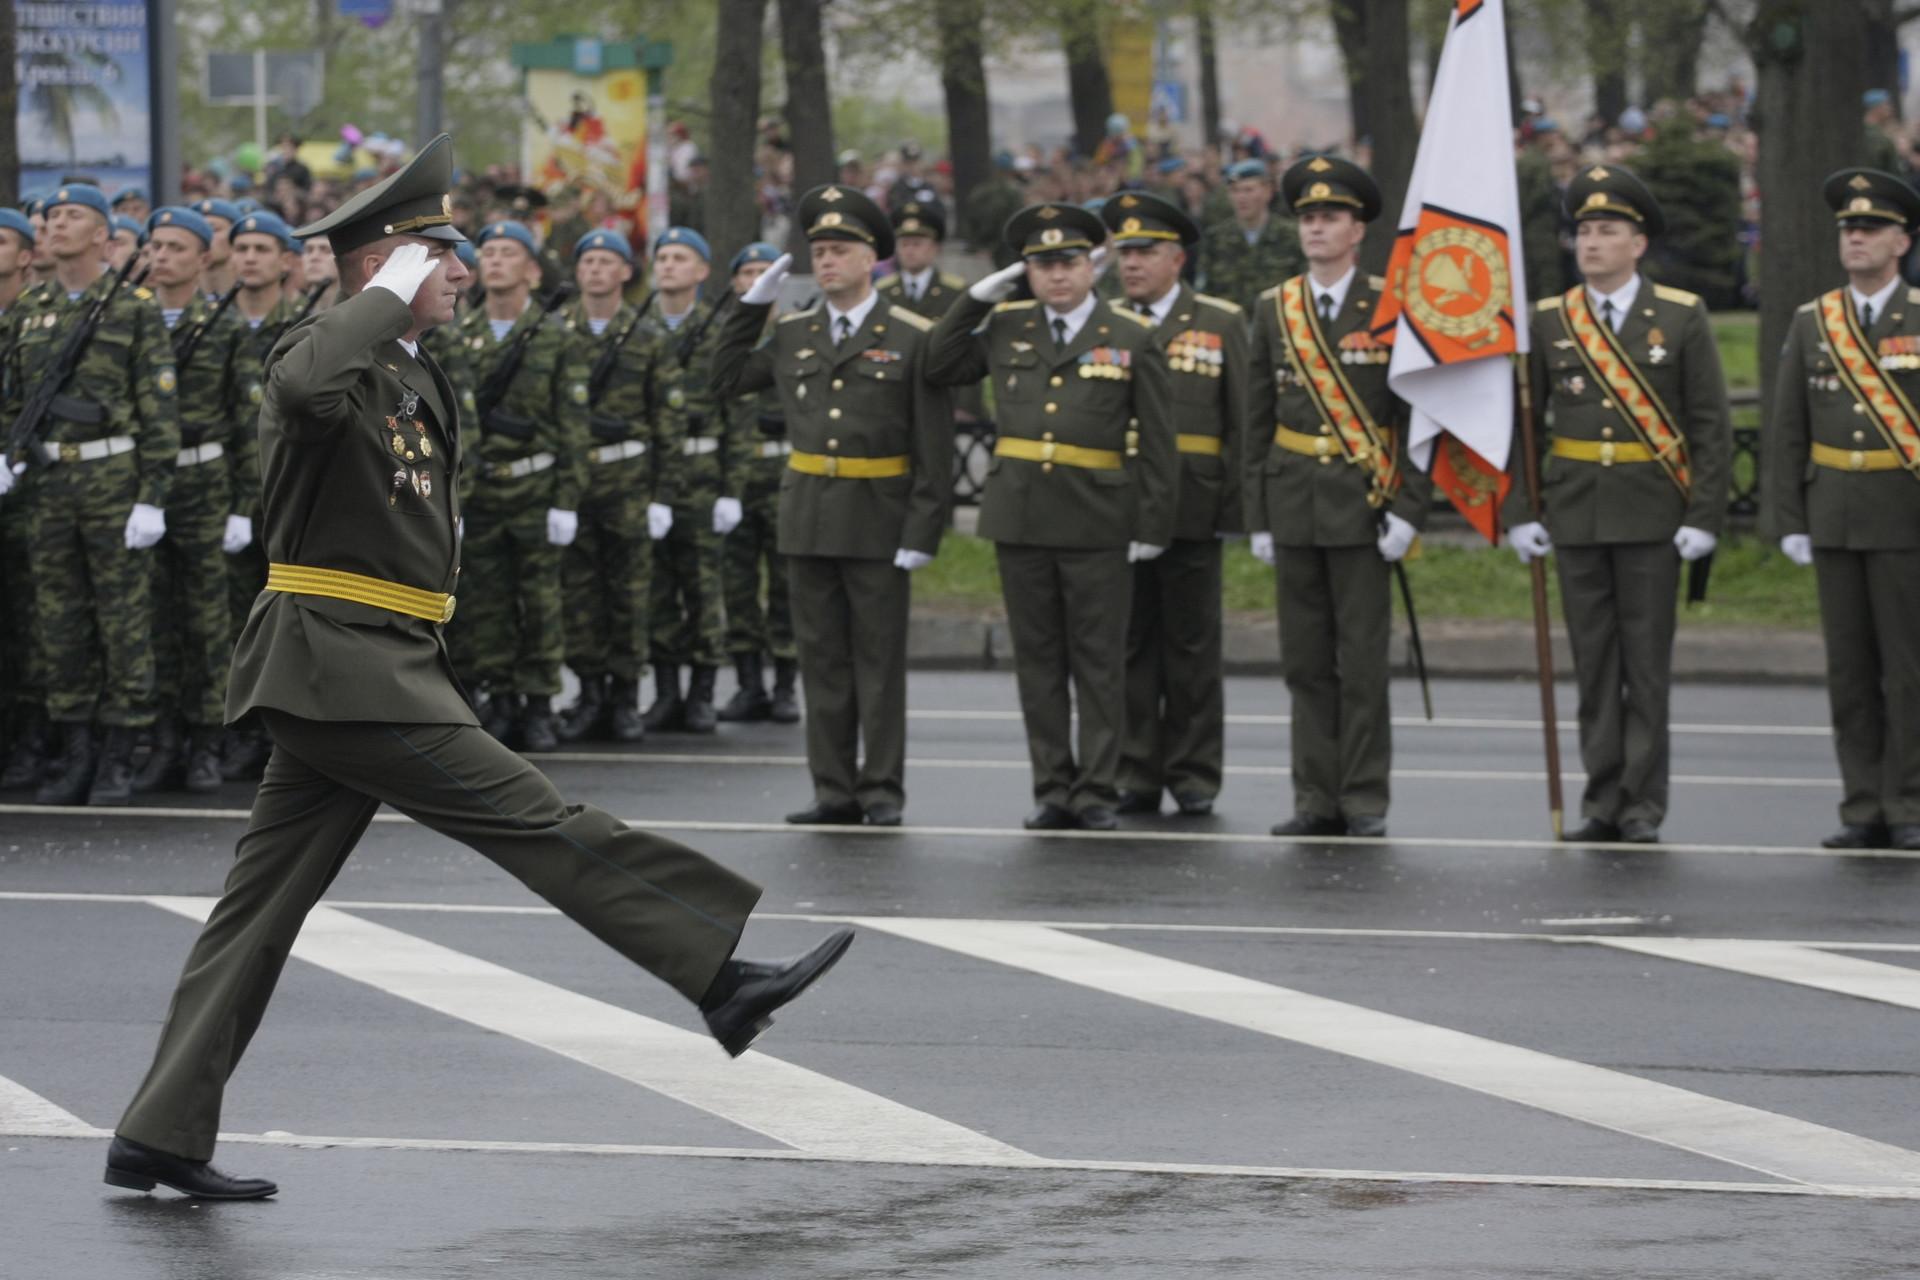 Праздничные мероприятия в закрытом формате пройдут  на территории 76-ой гвардейской десантно-штурмовой дивизии в Пскове, на полигоне. Фото: Андрей Степанов.